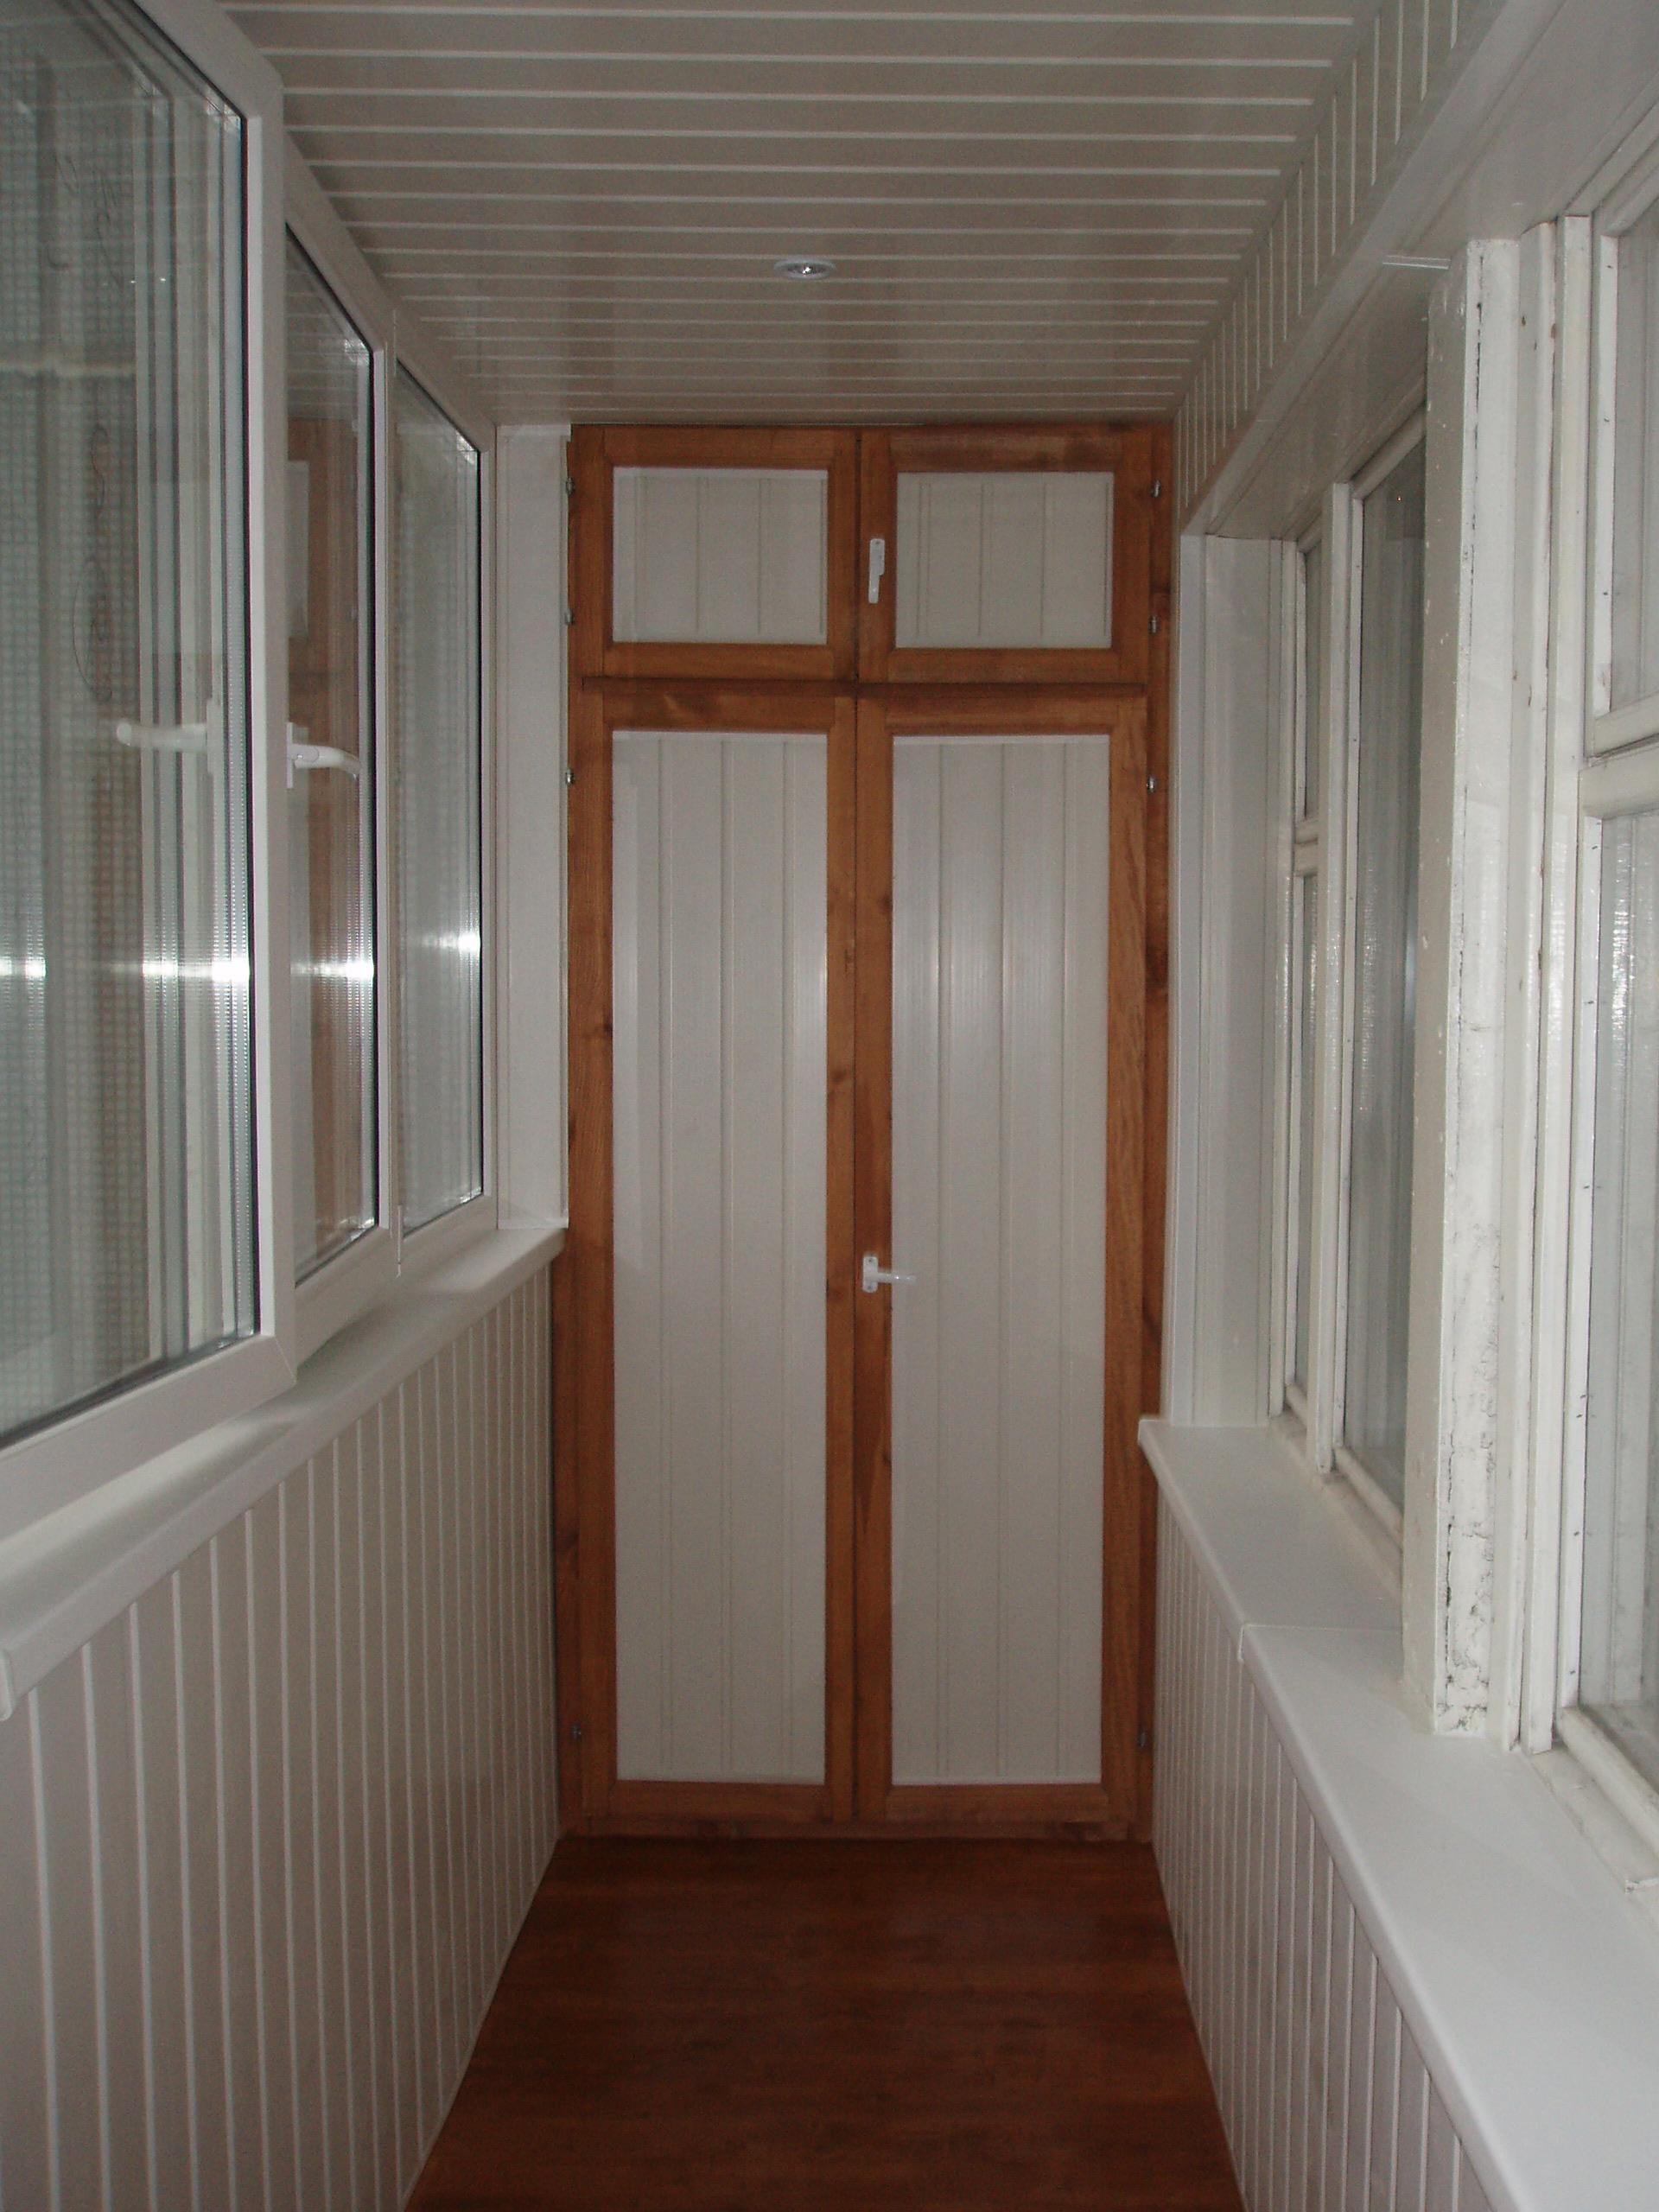 Встроенный шкаф с двумя отсеками и распашными дверями